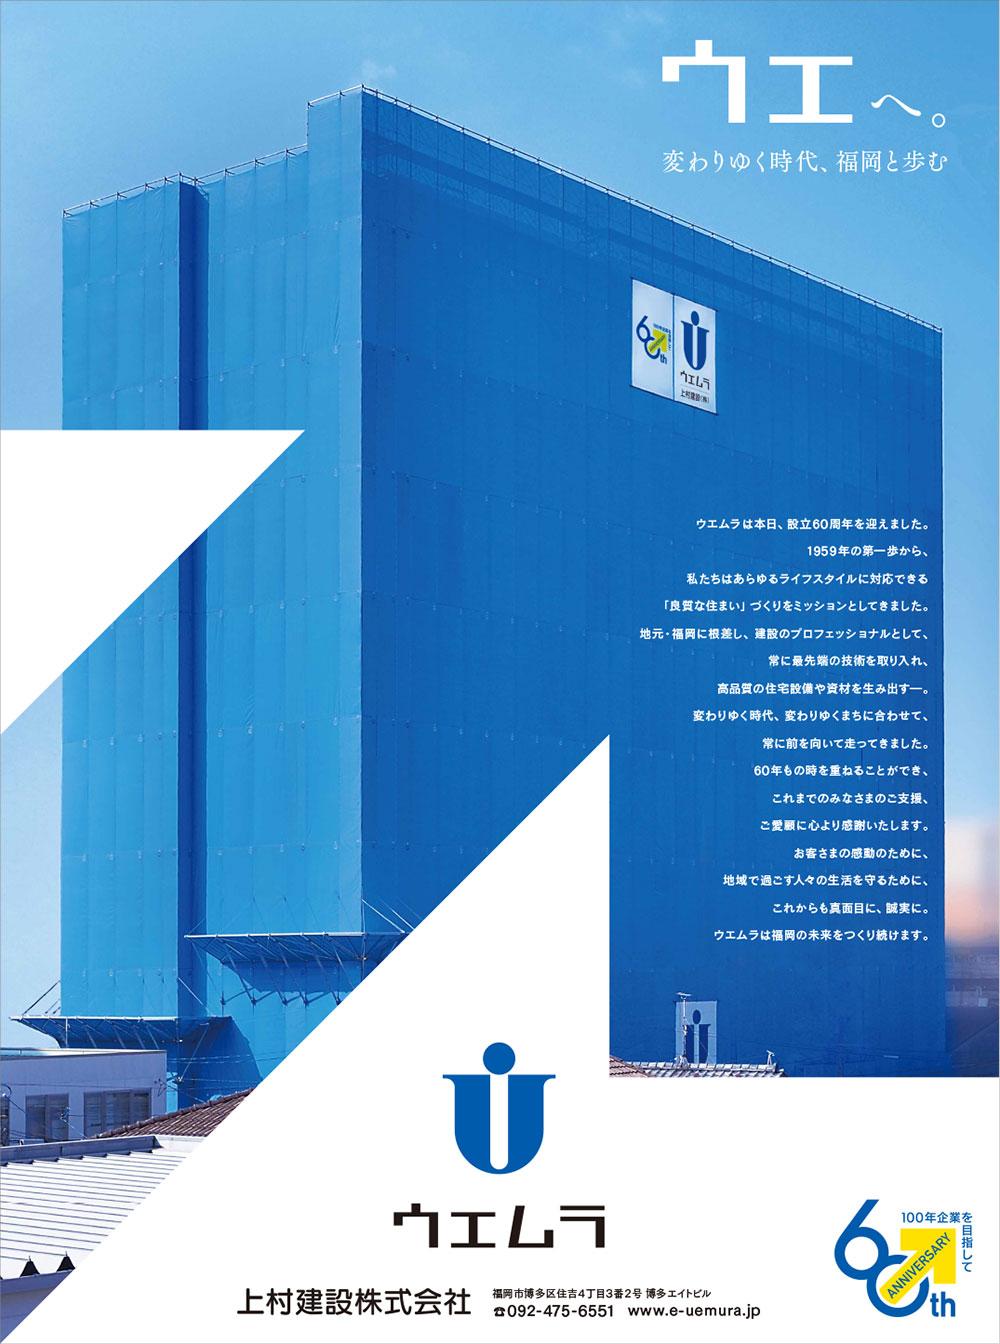 上村建設は会社設立60周年を迎えました